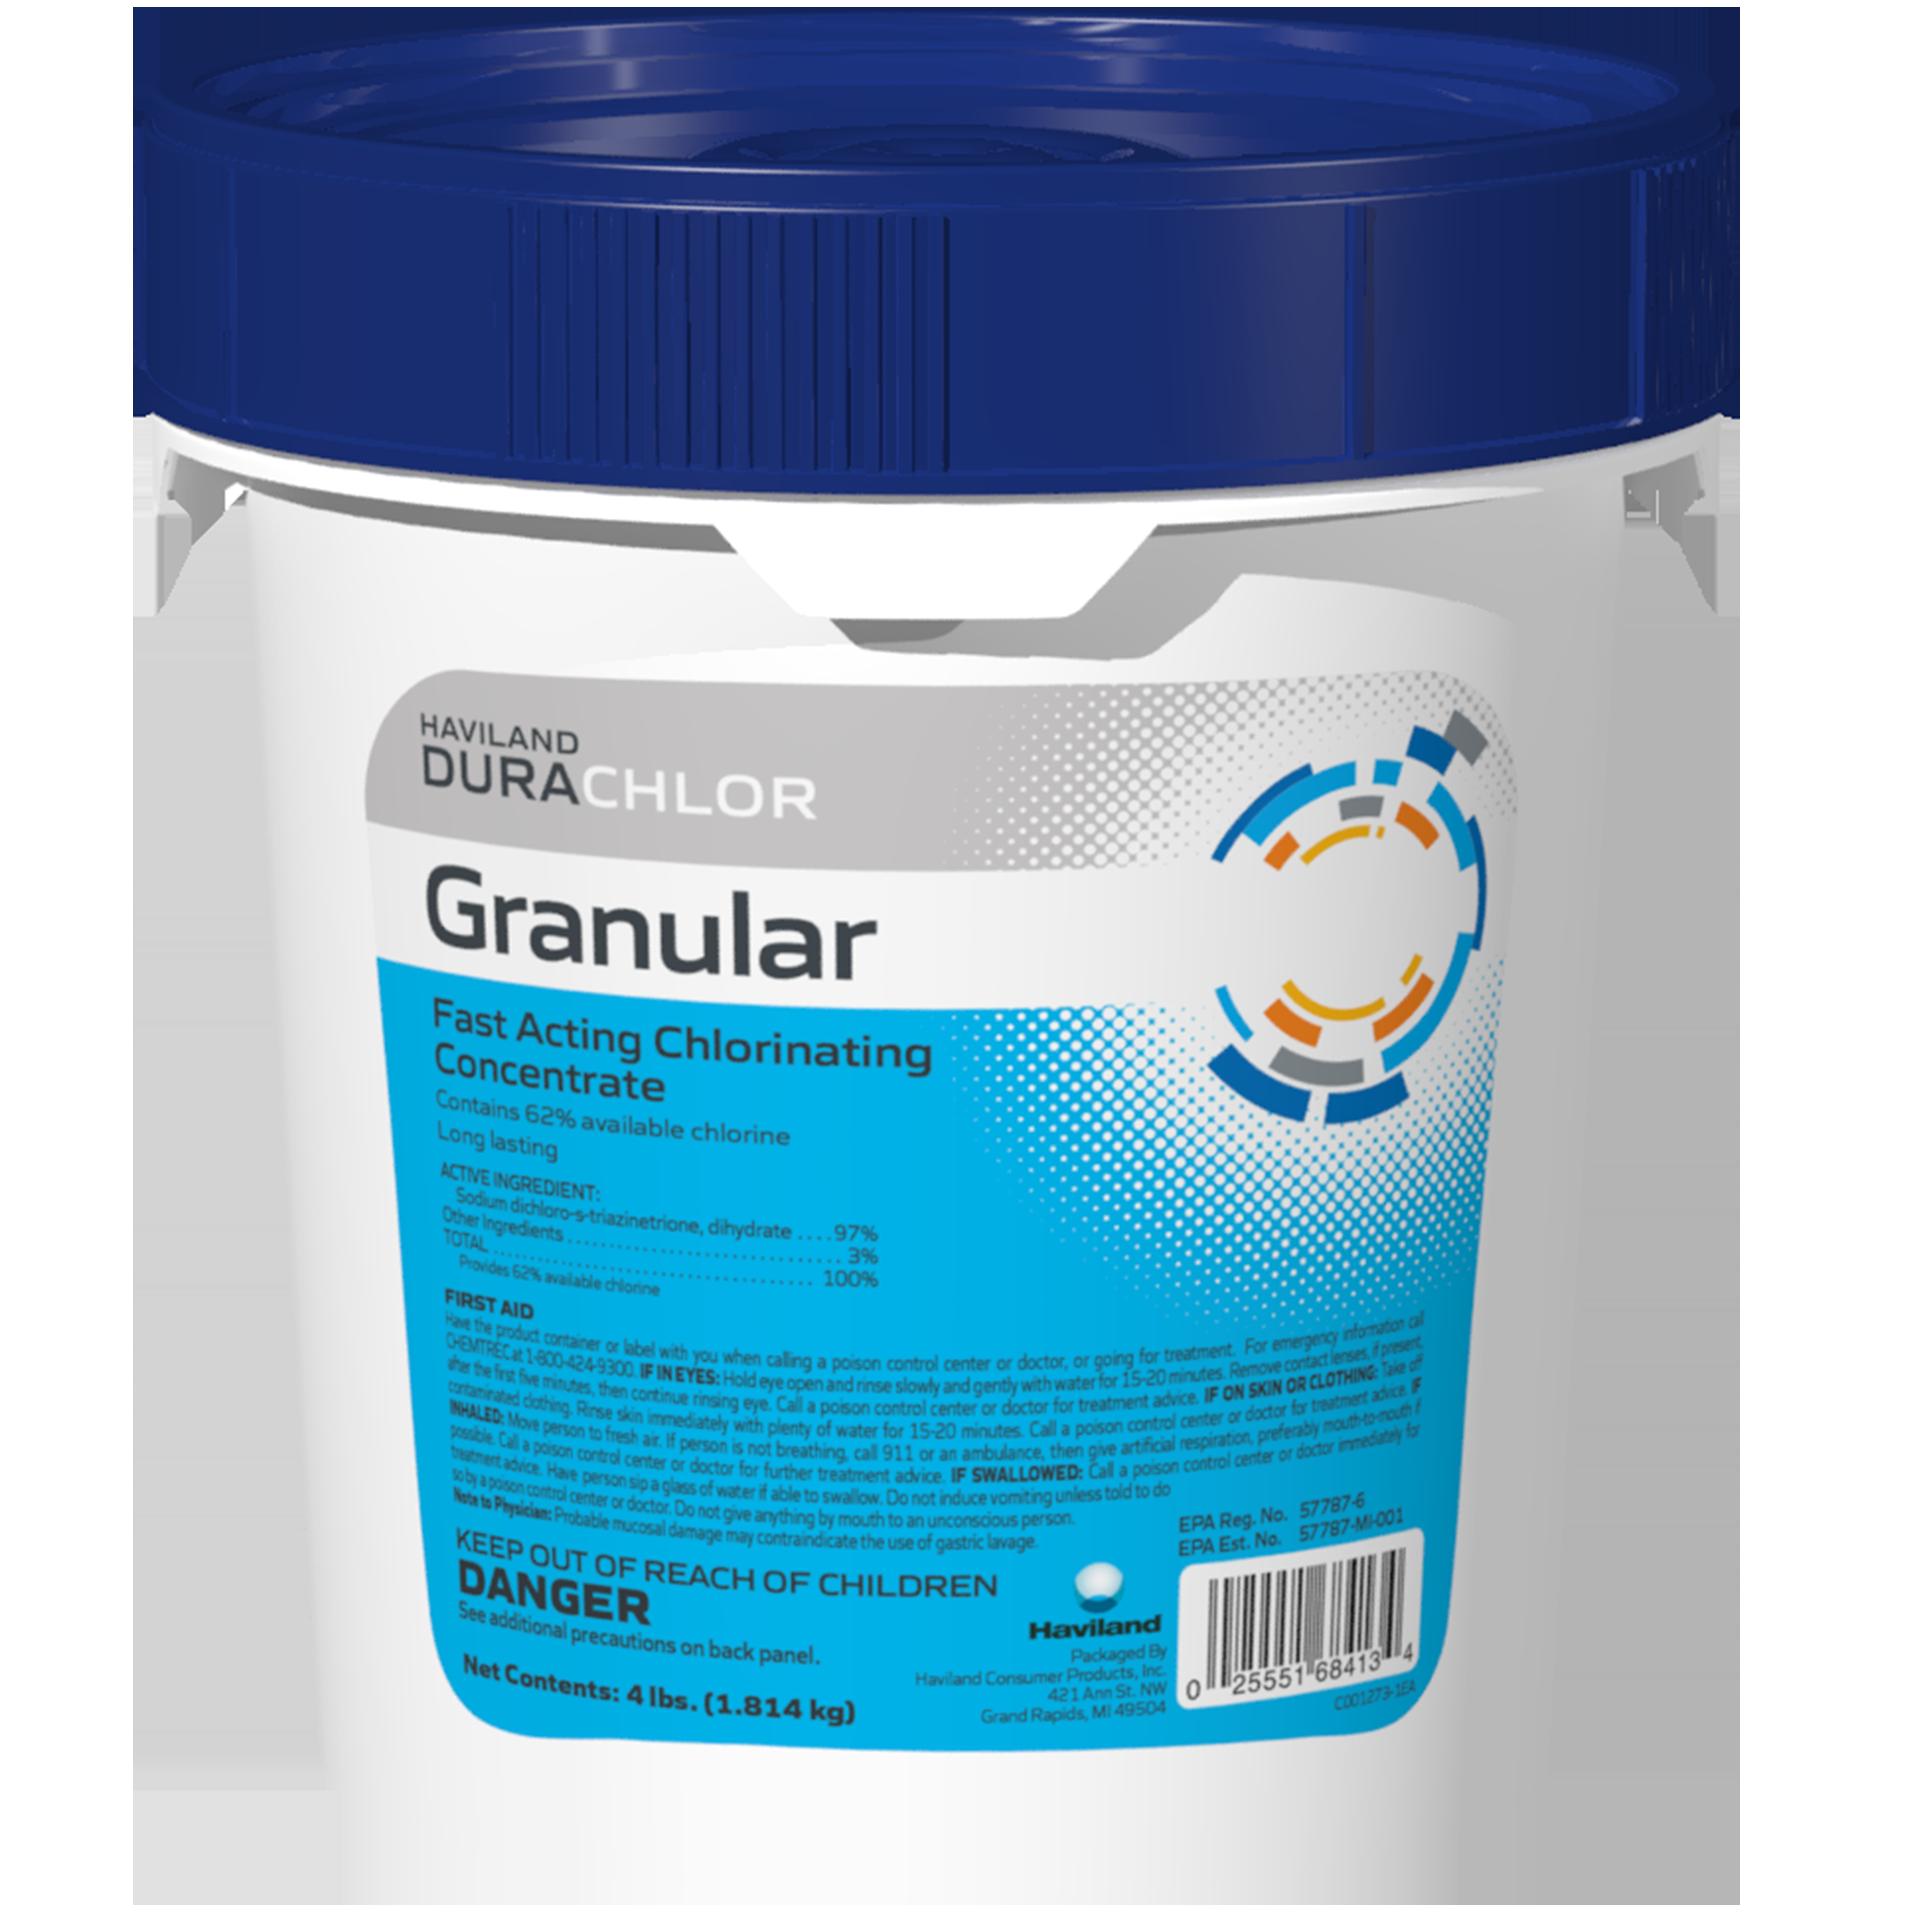 4 lb Durachlor Granular